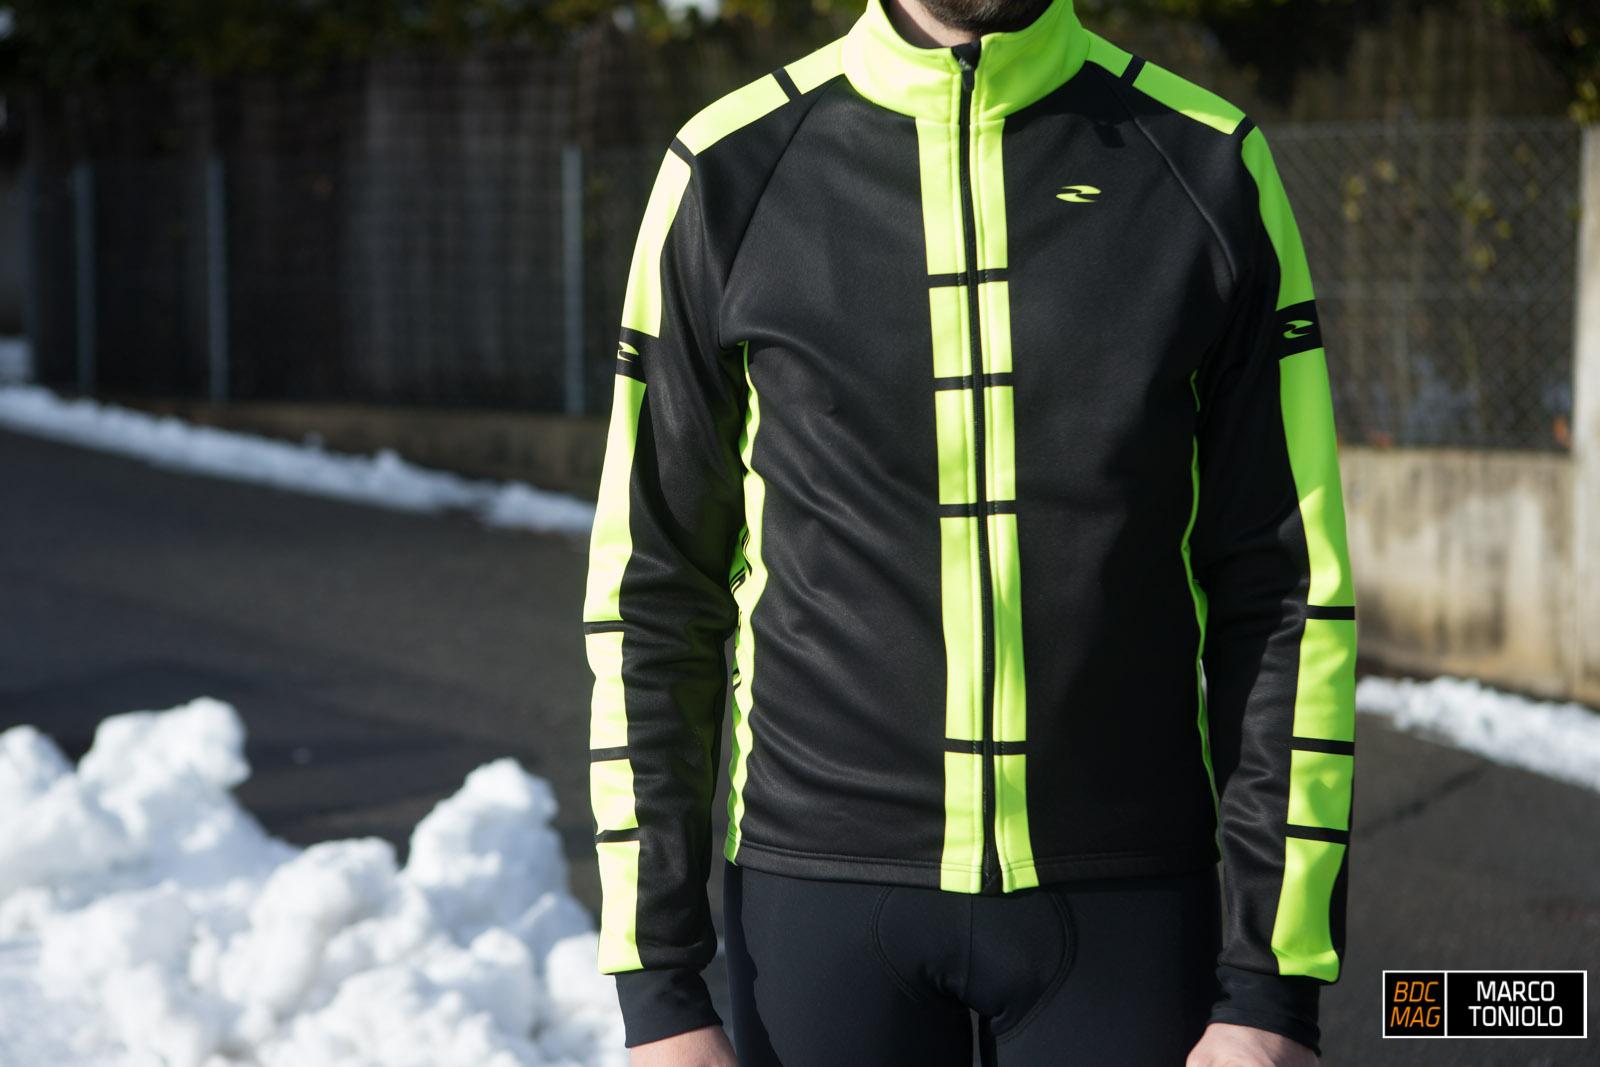 gist abbigliamento  Test] Completo invernale GIST |  | Bici da corsa